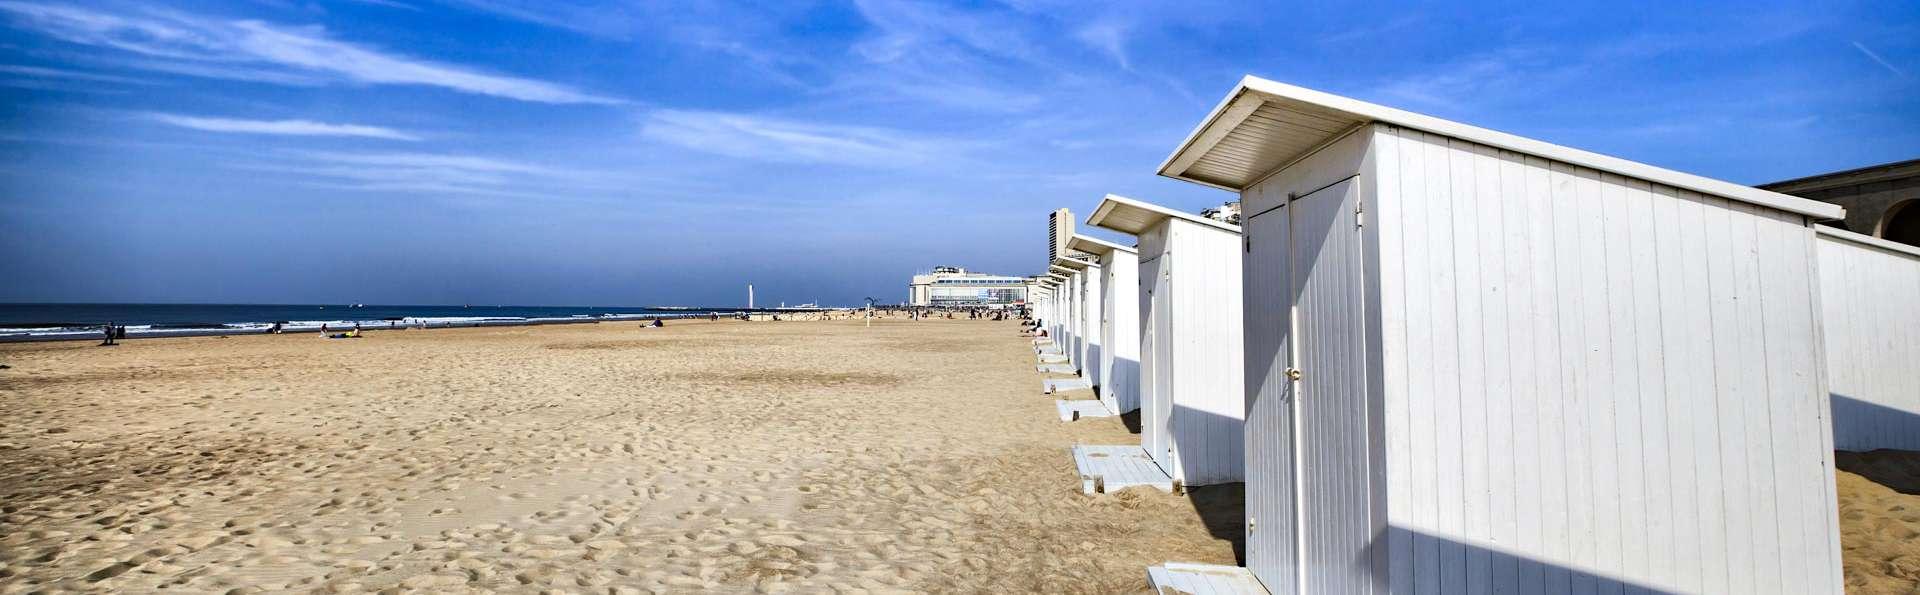 Nuitée sur la plage d'Ostende dans un hôtel avec terrasse sur le toit